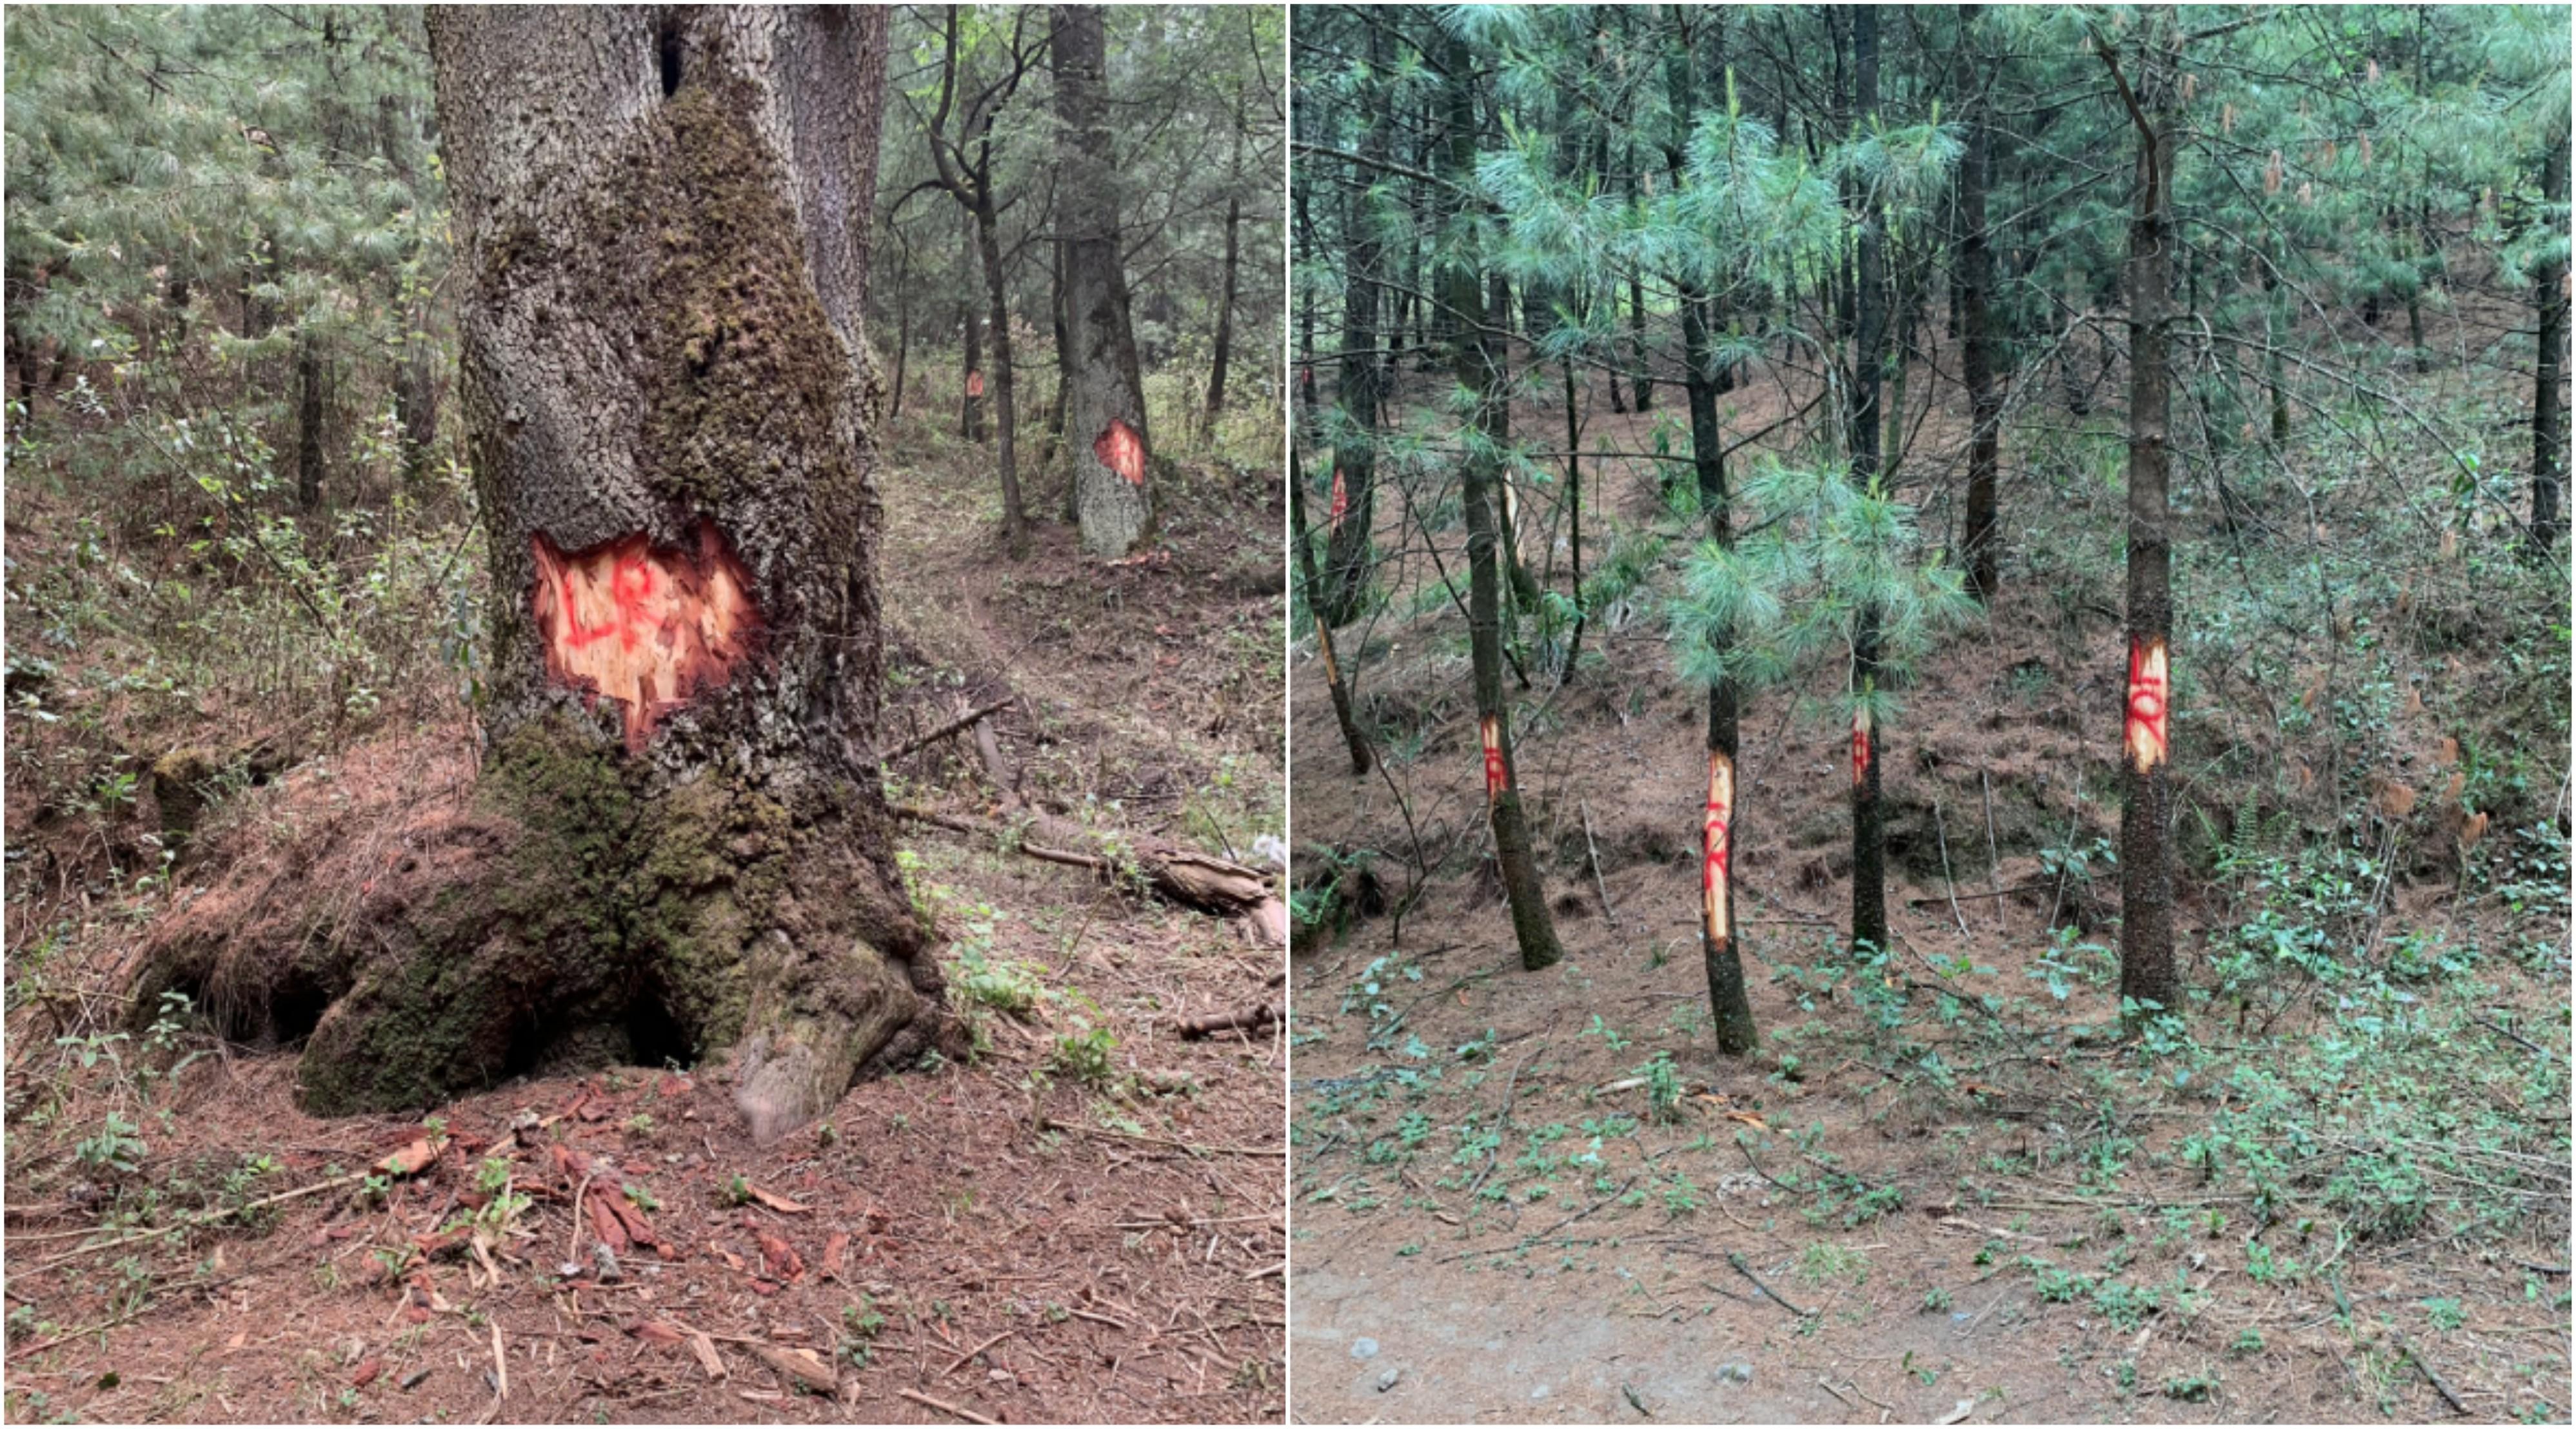 Denuncian tala irregular en el Desierto de los Leones  Chilango